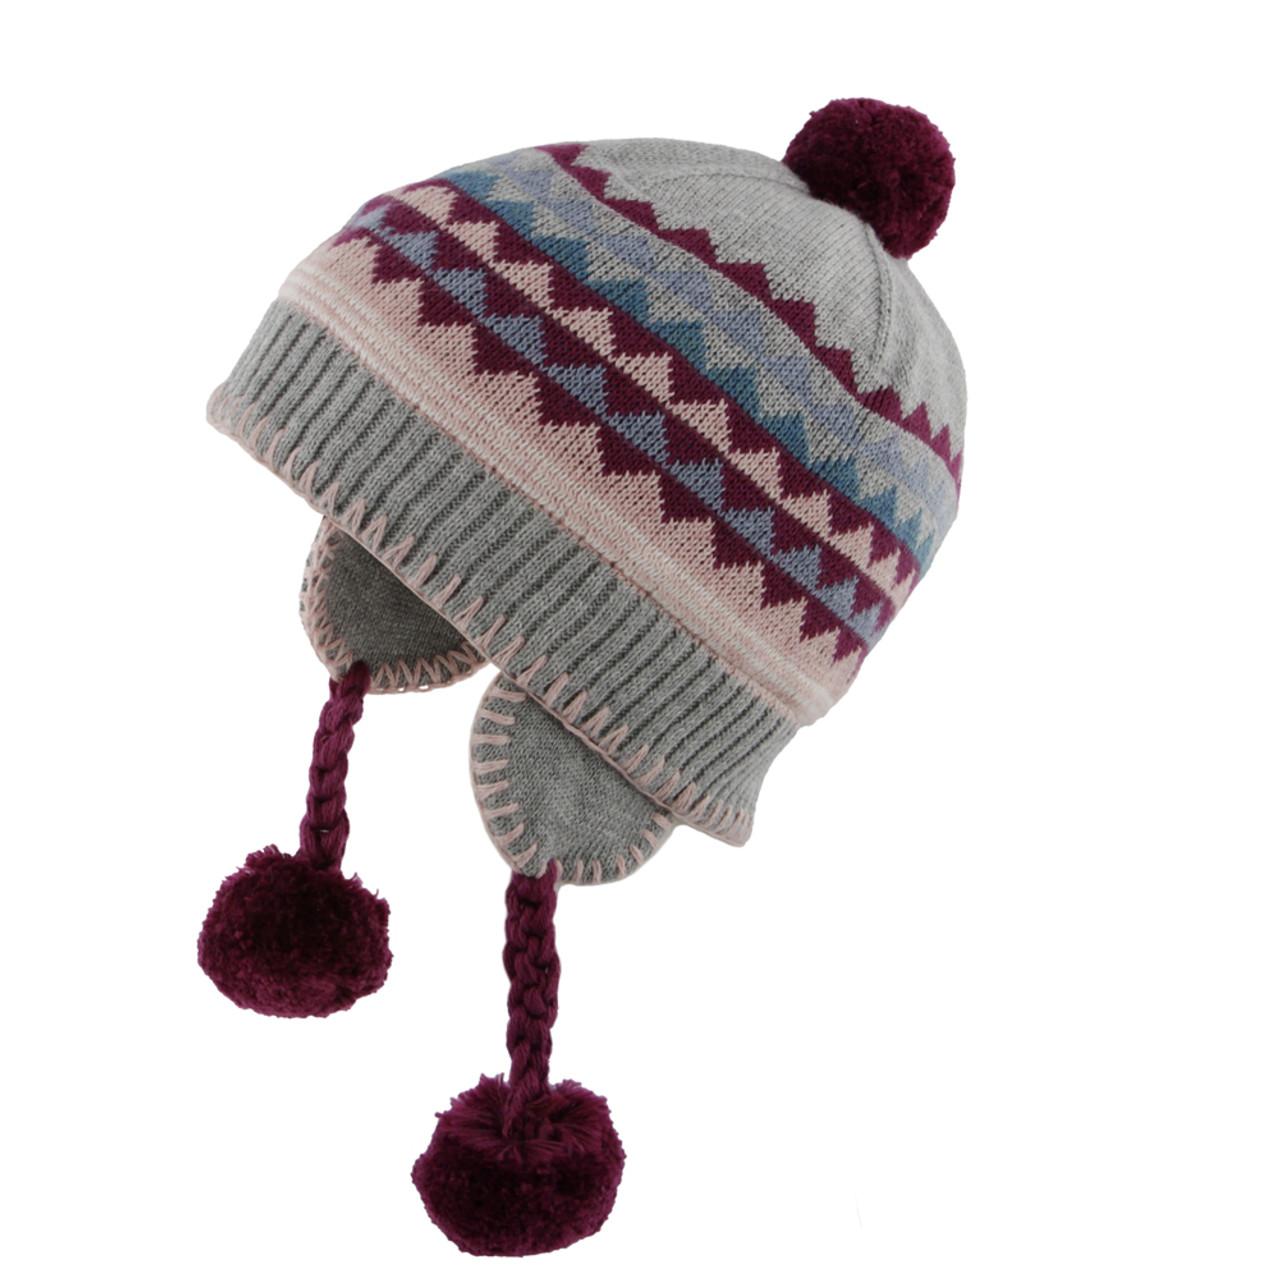 Milly Mook Beanie Hat - Malibu (LG) - Dear-Born Baby f2969e34dbd